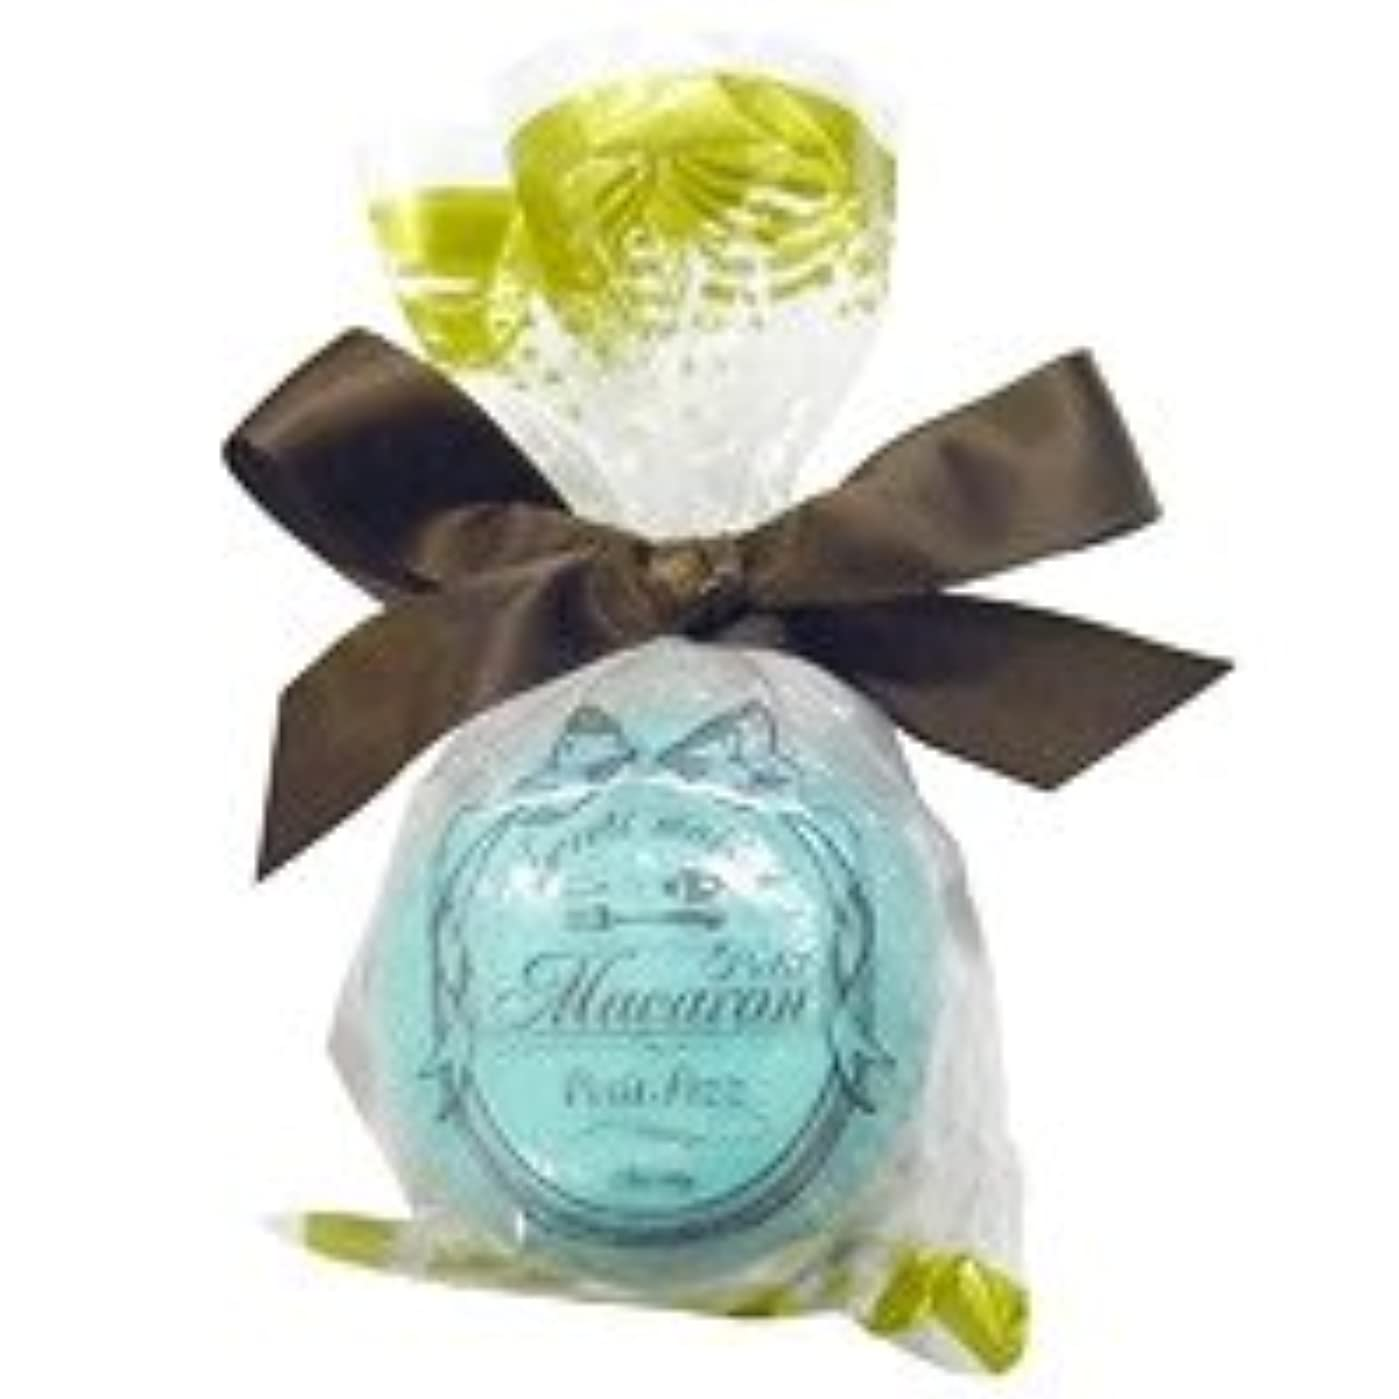 共和党葡萄酸化するスウィーツメゾン プチマカロンフィズ「ターコイズ」12個セット 香り豊かなグリーンティの香り